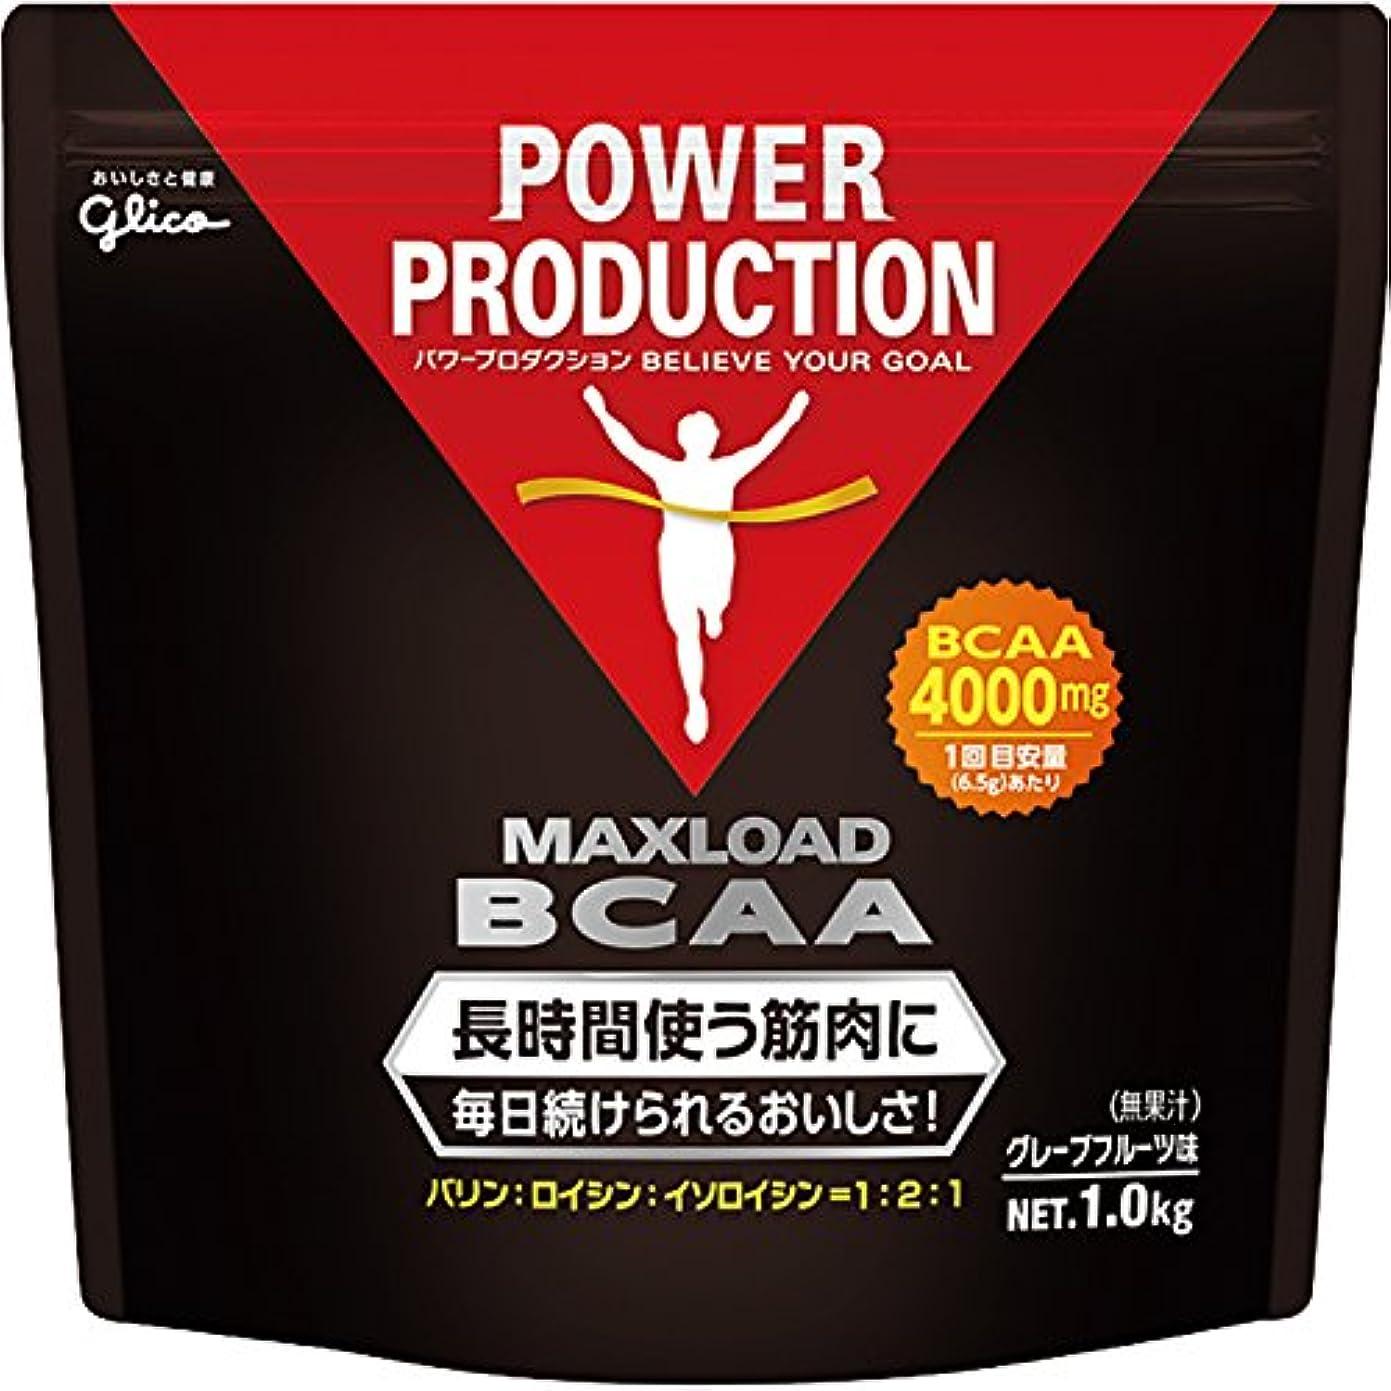 発動機可愛い会計士グリコ パワープロダクション マックスロード BCAA4000mg アミノ酸 グレープフルーツ風味 1kg【使用目安 約153回分】